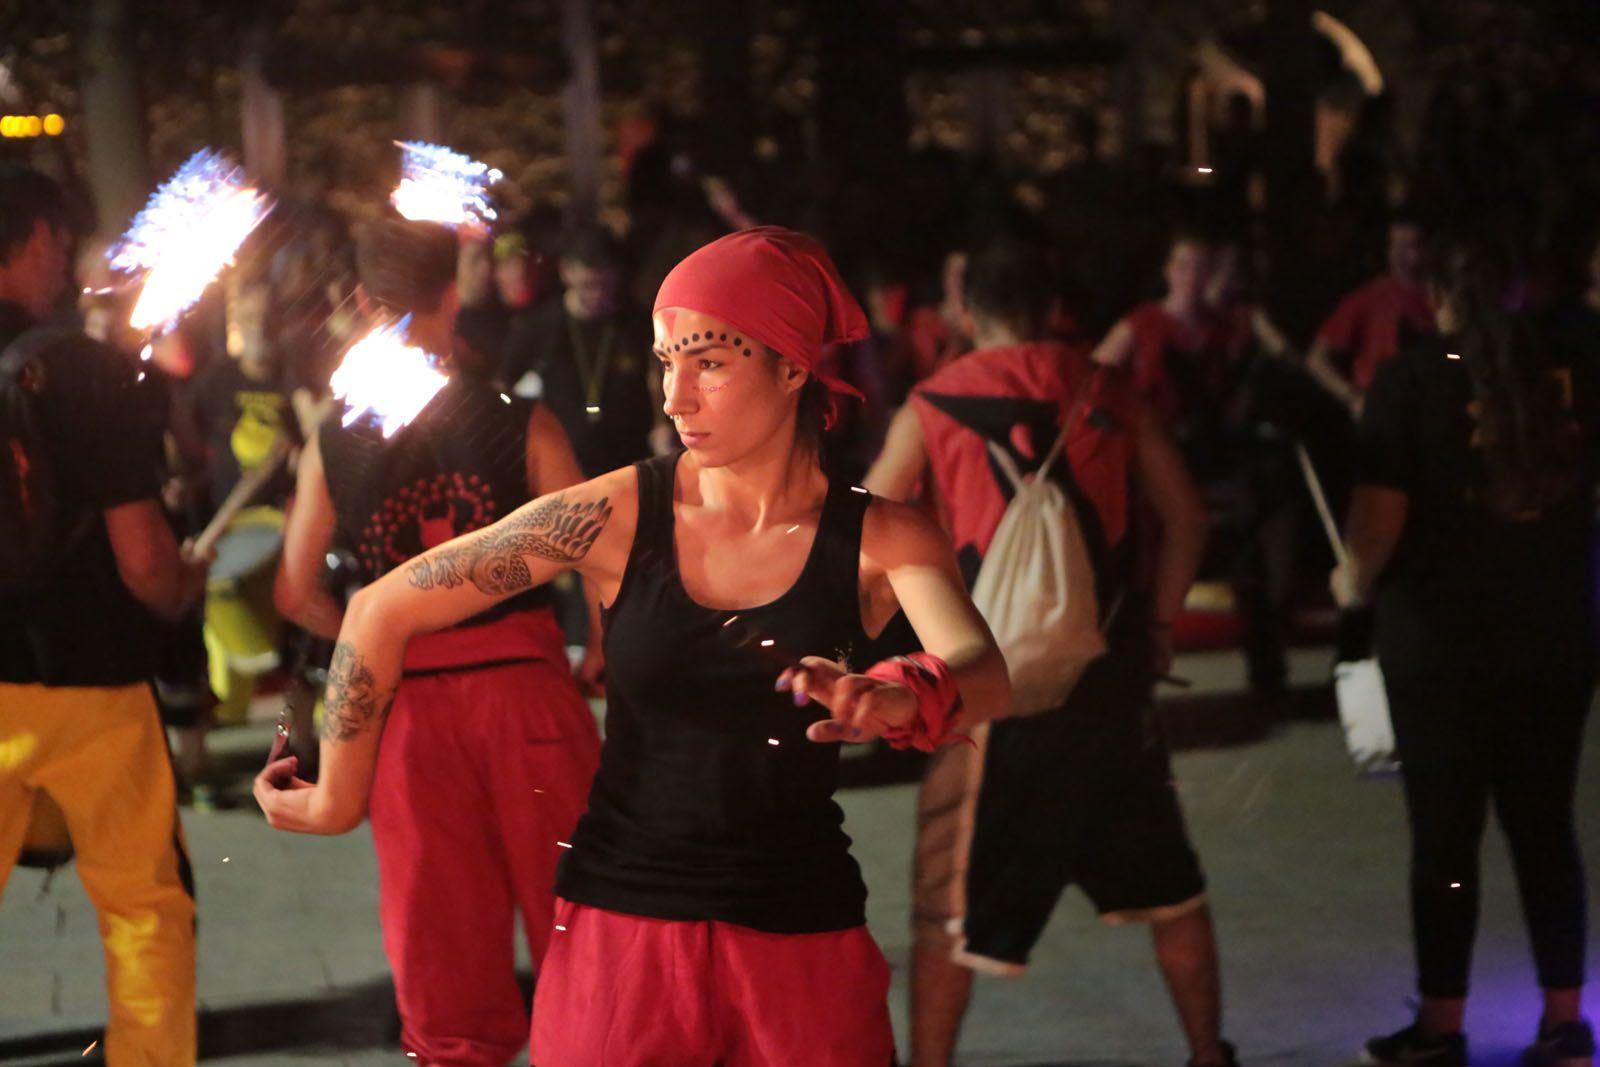 Correfoc diables Festa Major 2018 FOTO: Artur Ribera